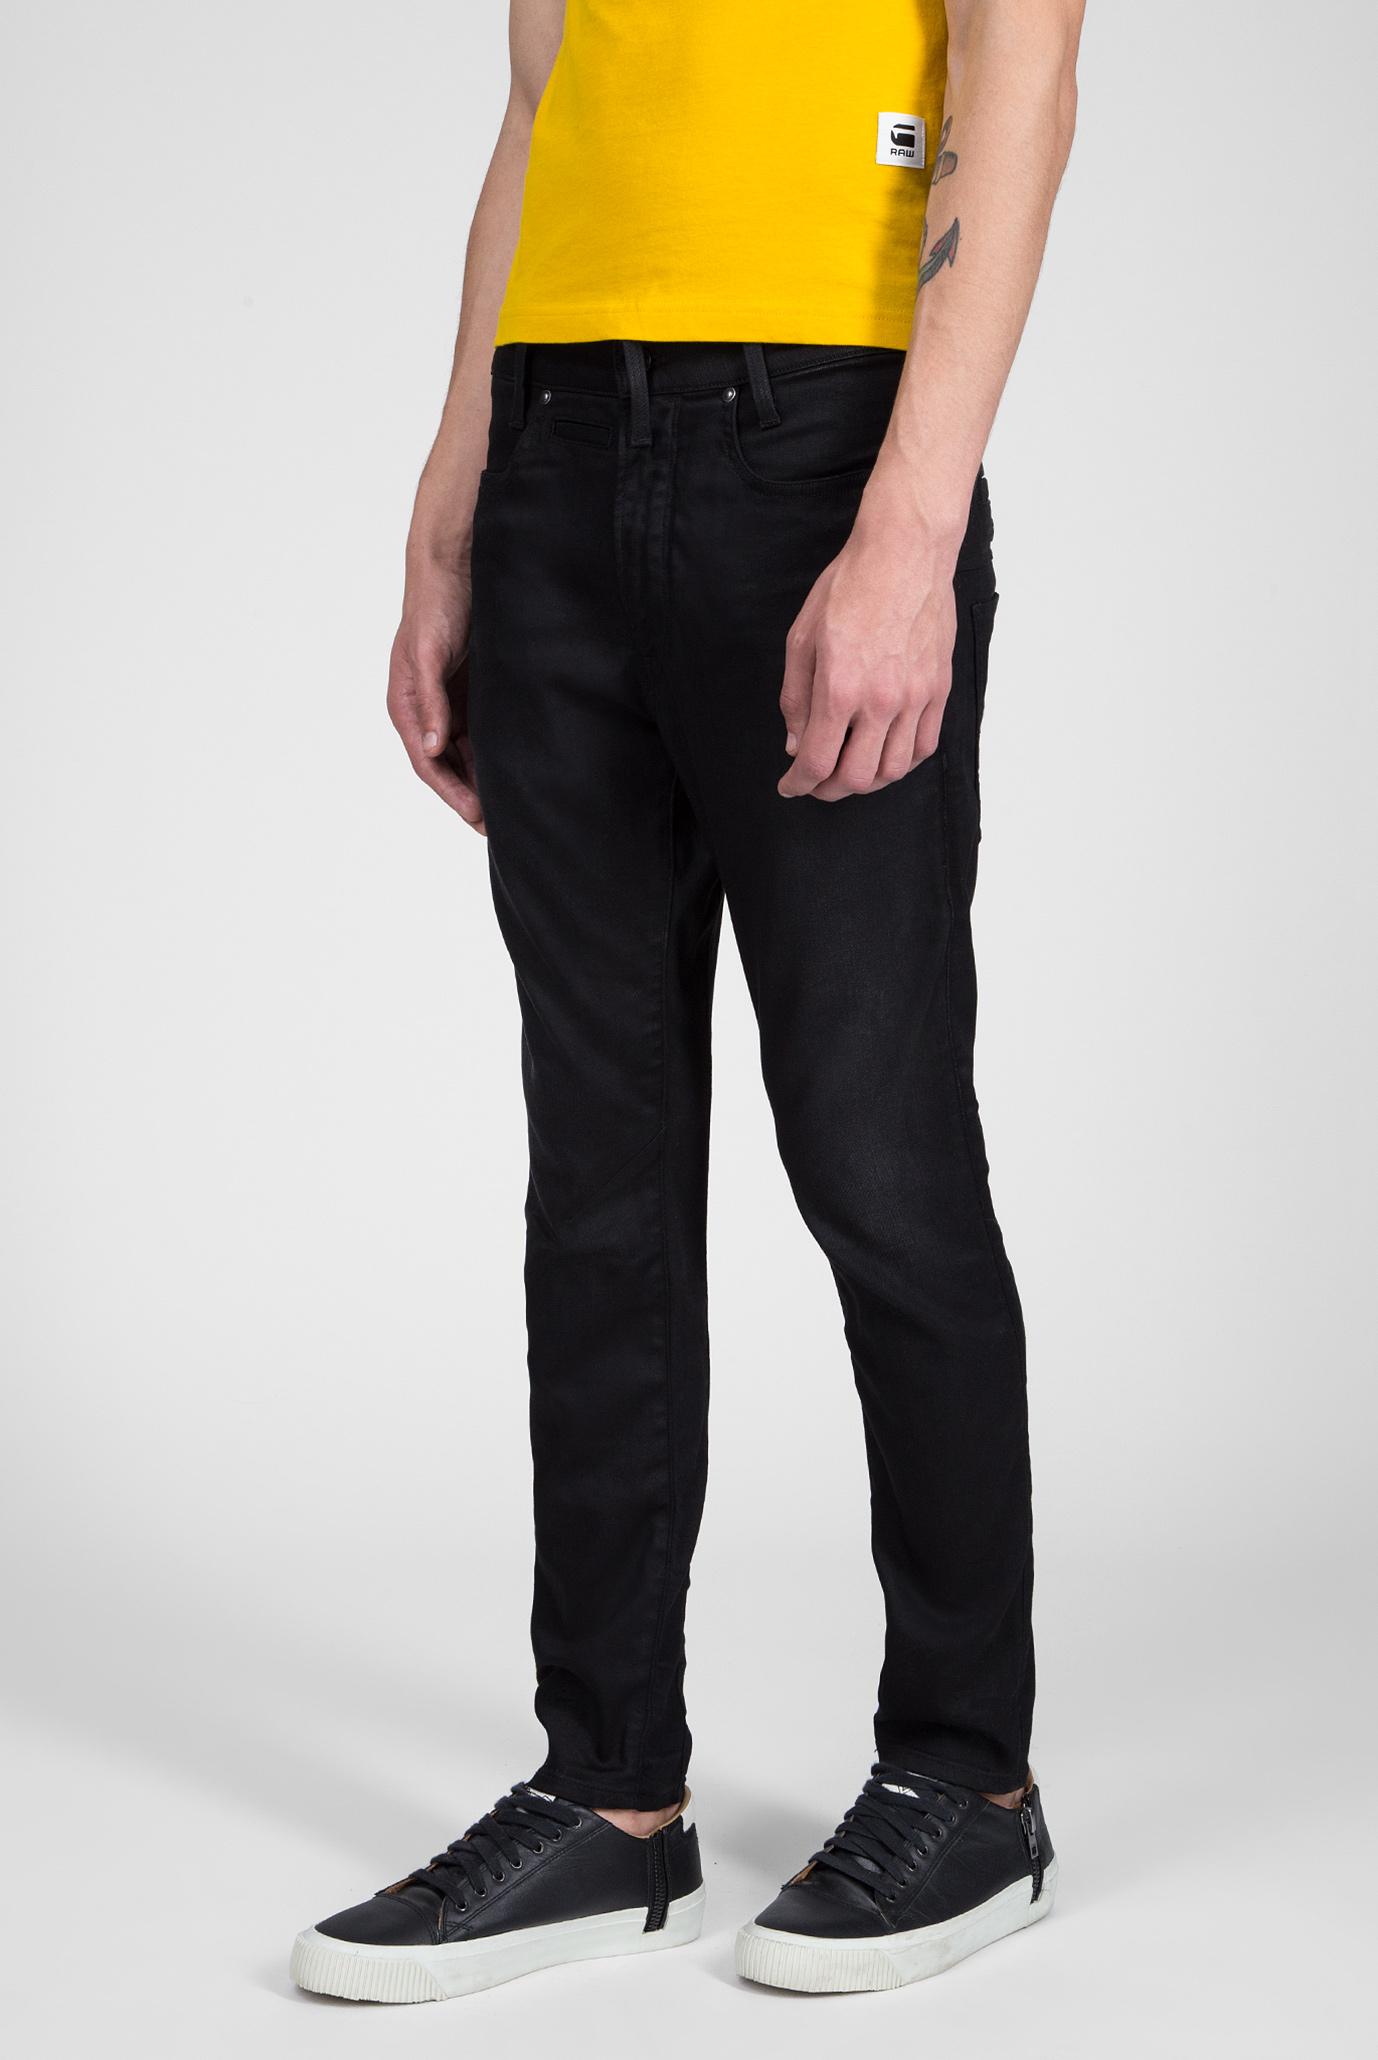 Купить Мужские черные джинсы D-Staq 3D Skinny G-Star RAW G-Star RAW D05385,6009 – Киев, Украина. Цены в интернет магазине MD Fashion